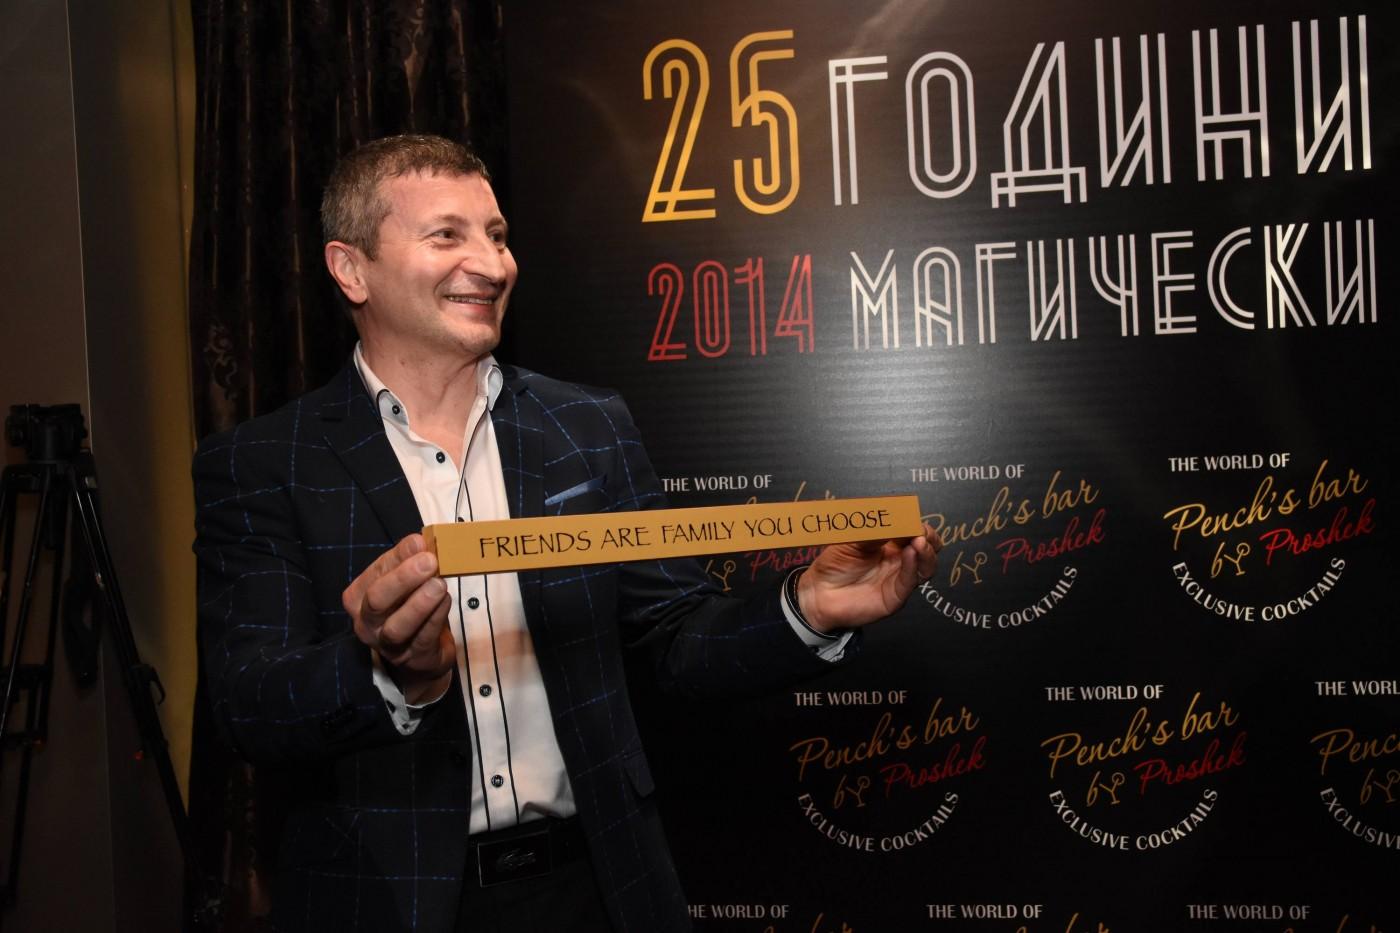 Единственият бар в България, вписан в Книгата на Гинес, отпразнува своята 25-годишнина